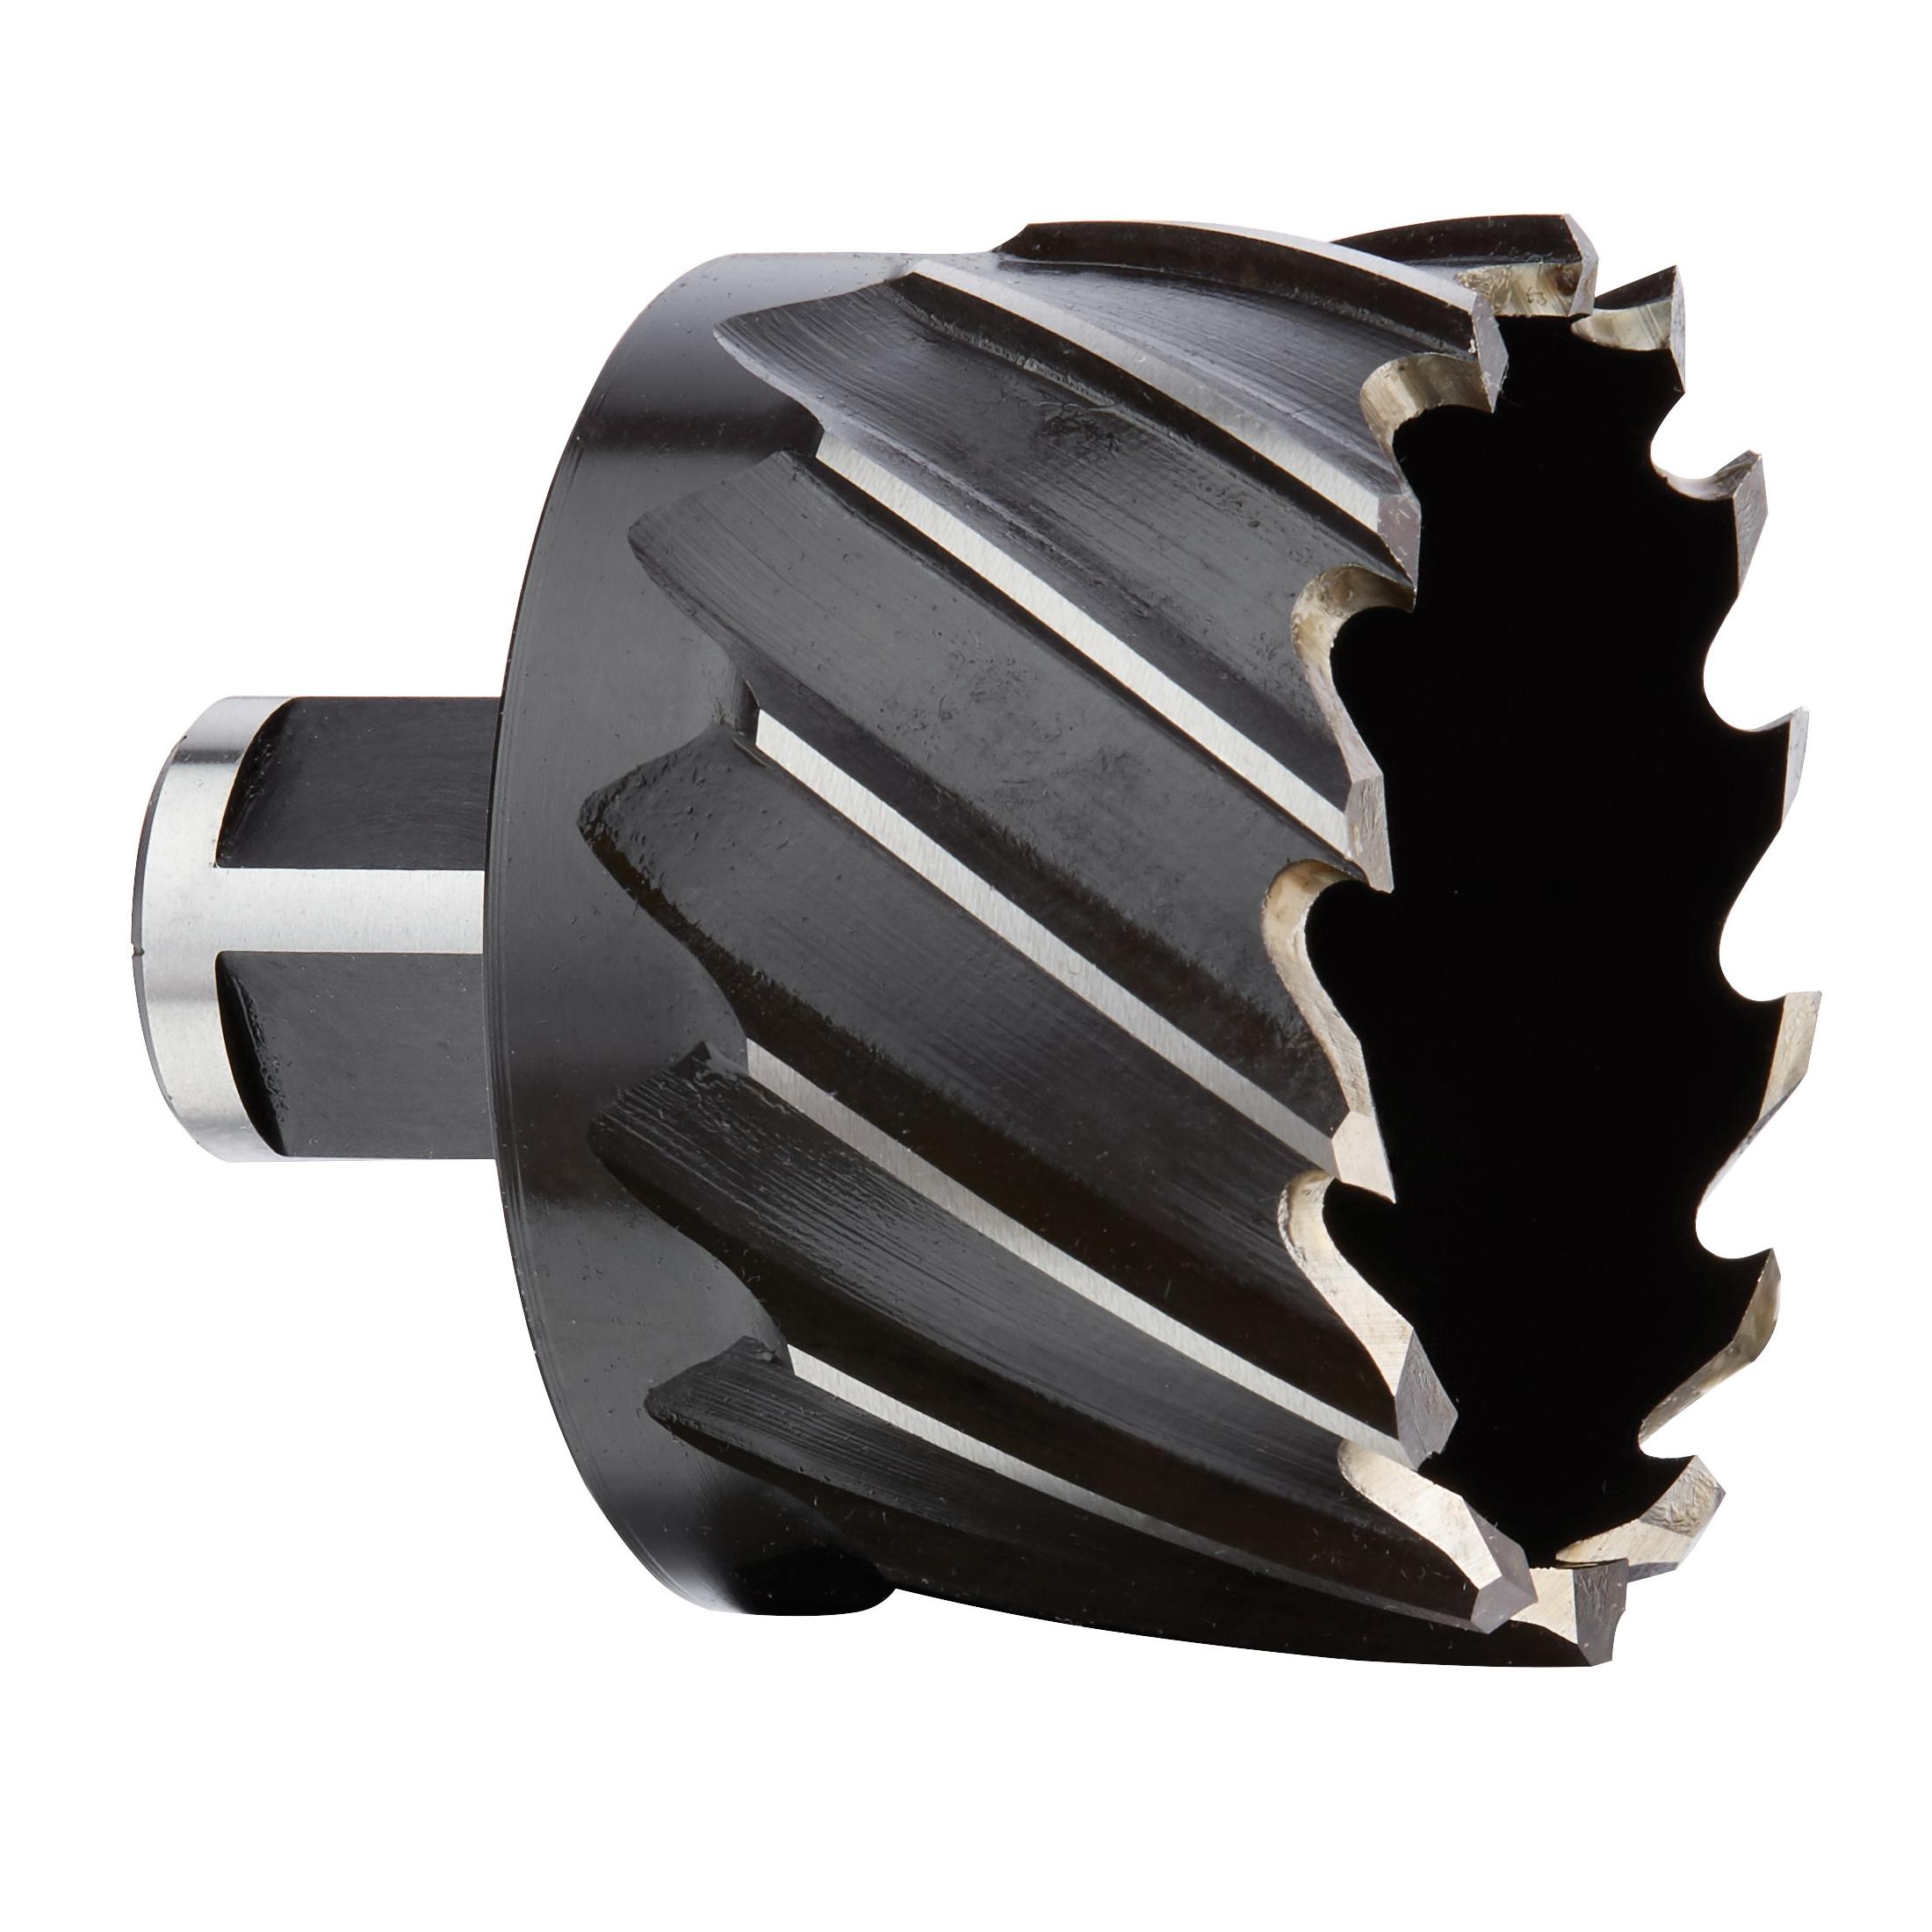 Milwaukee® 49-59-2025 Annular Cutter, 2-1/4 in Dia Cutter, 1 in D Cutting, HSS, Black Oxide, Weldon Shank